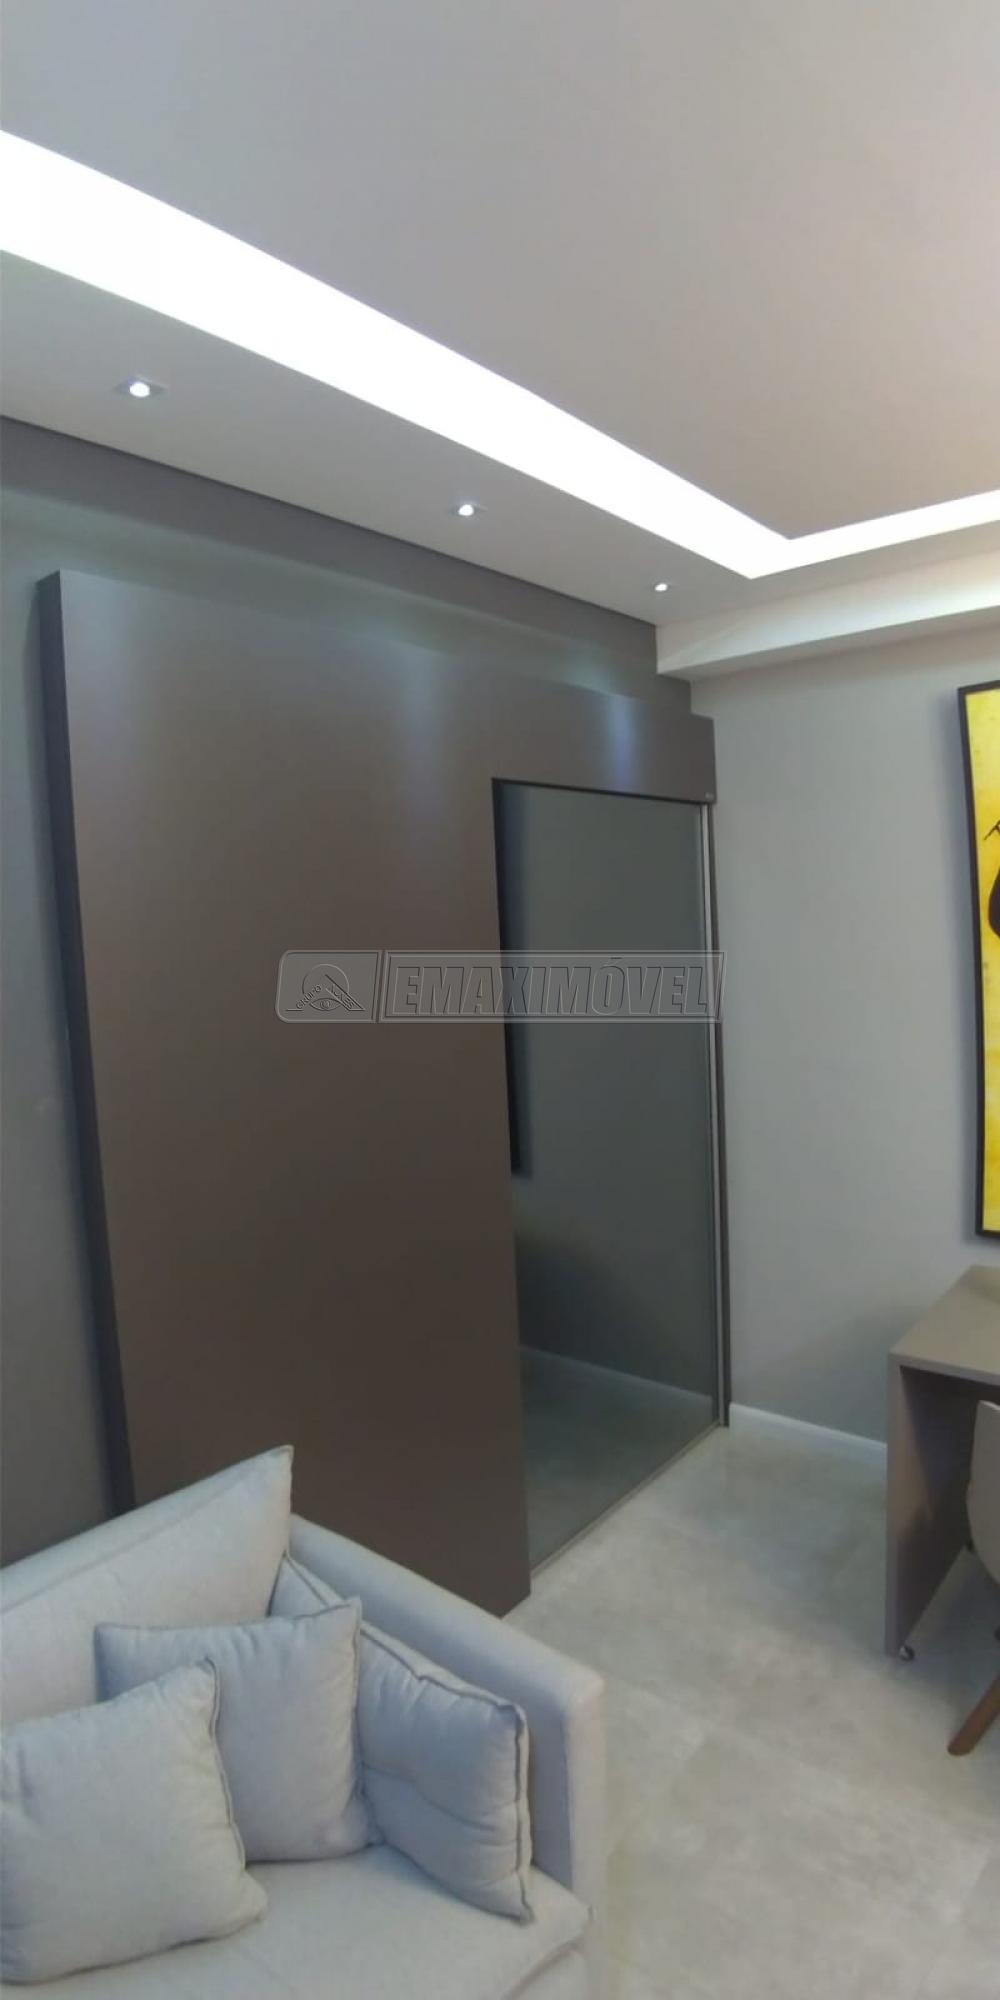 Comprar Apartamento / Padrão em Sorocaba R$ 300.000,00 - Foto 7